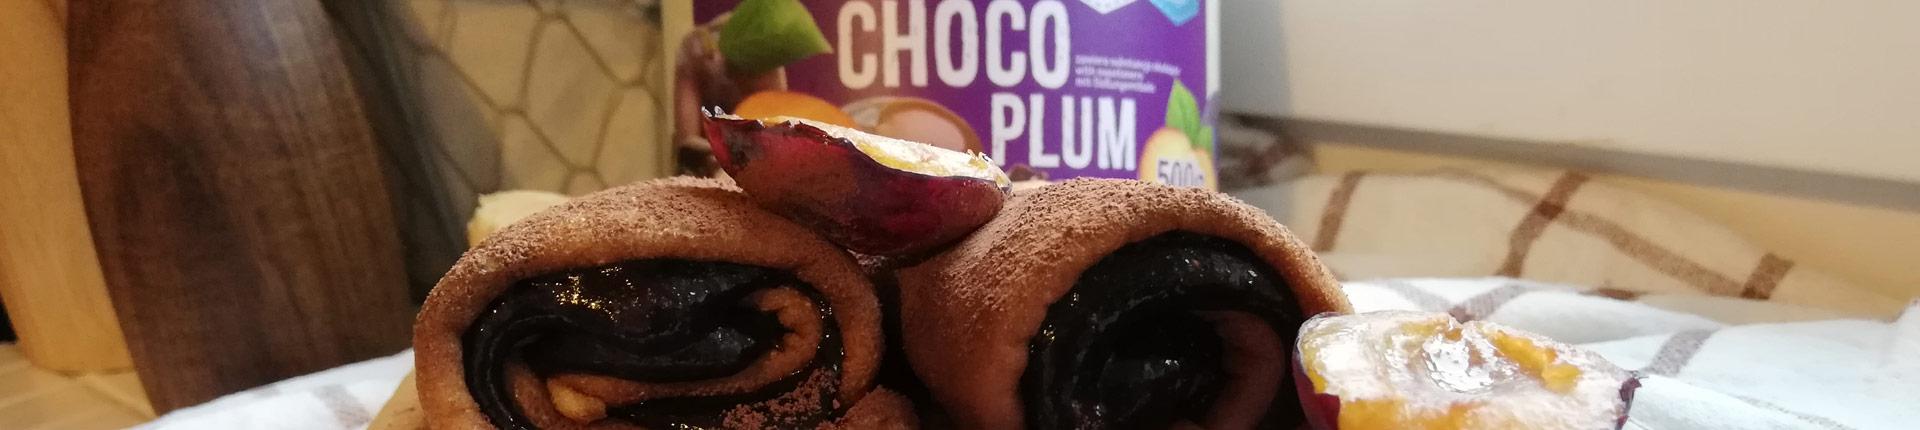 Naleśniki orkiszowe z Choco Plum